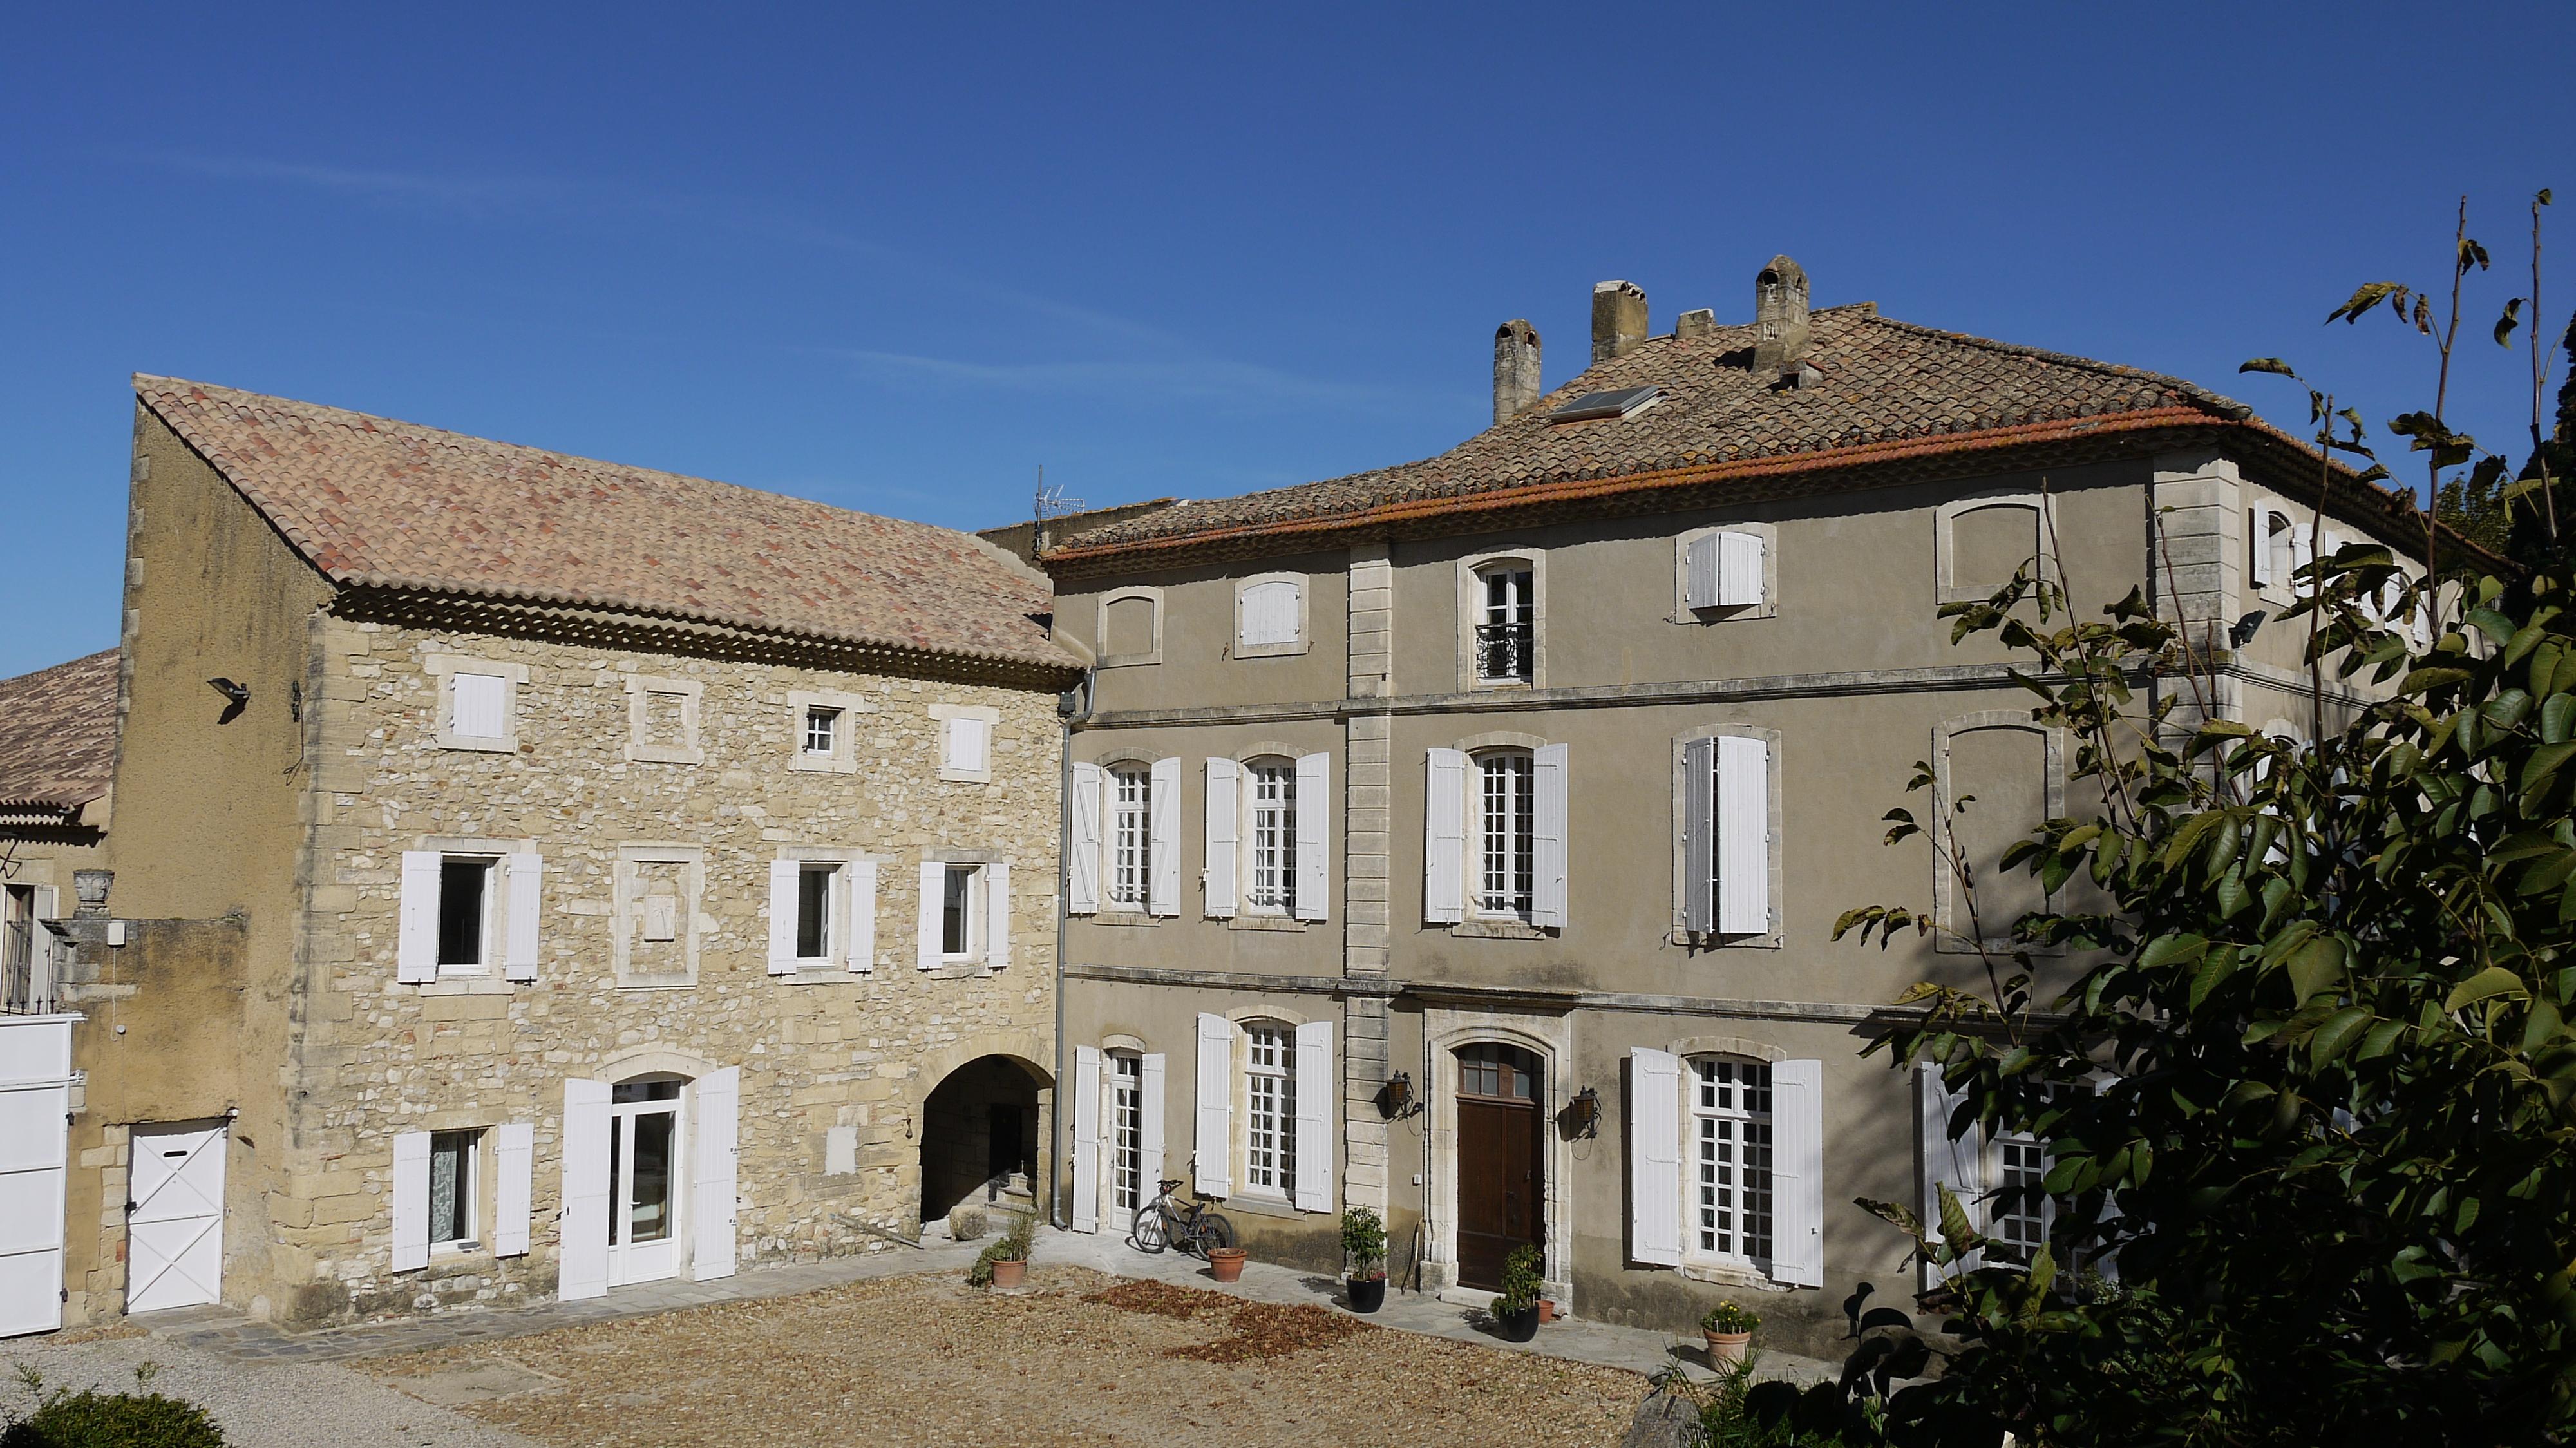 L'école de langue française Millefeuille Provence